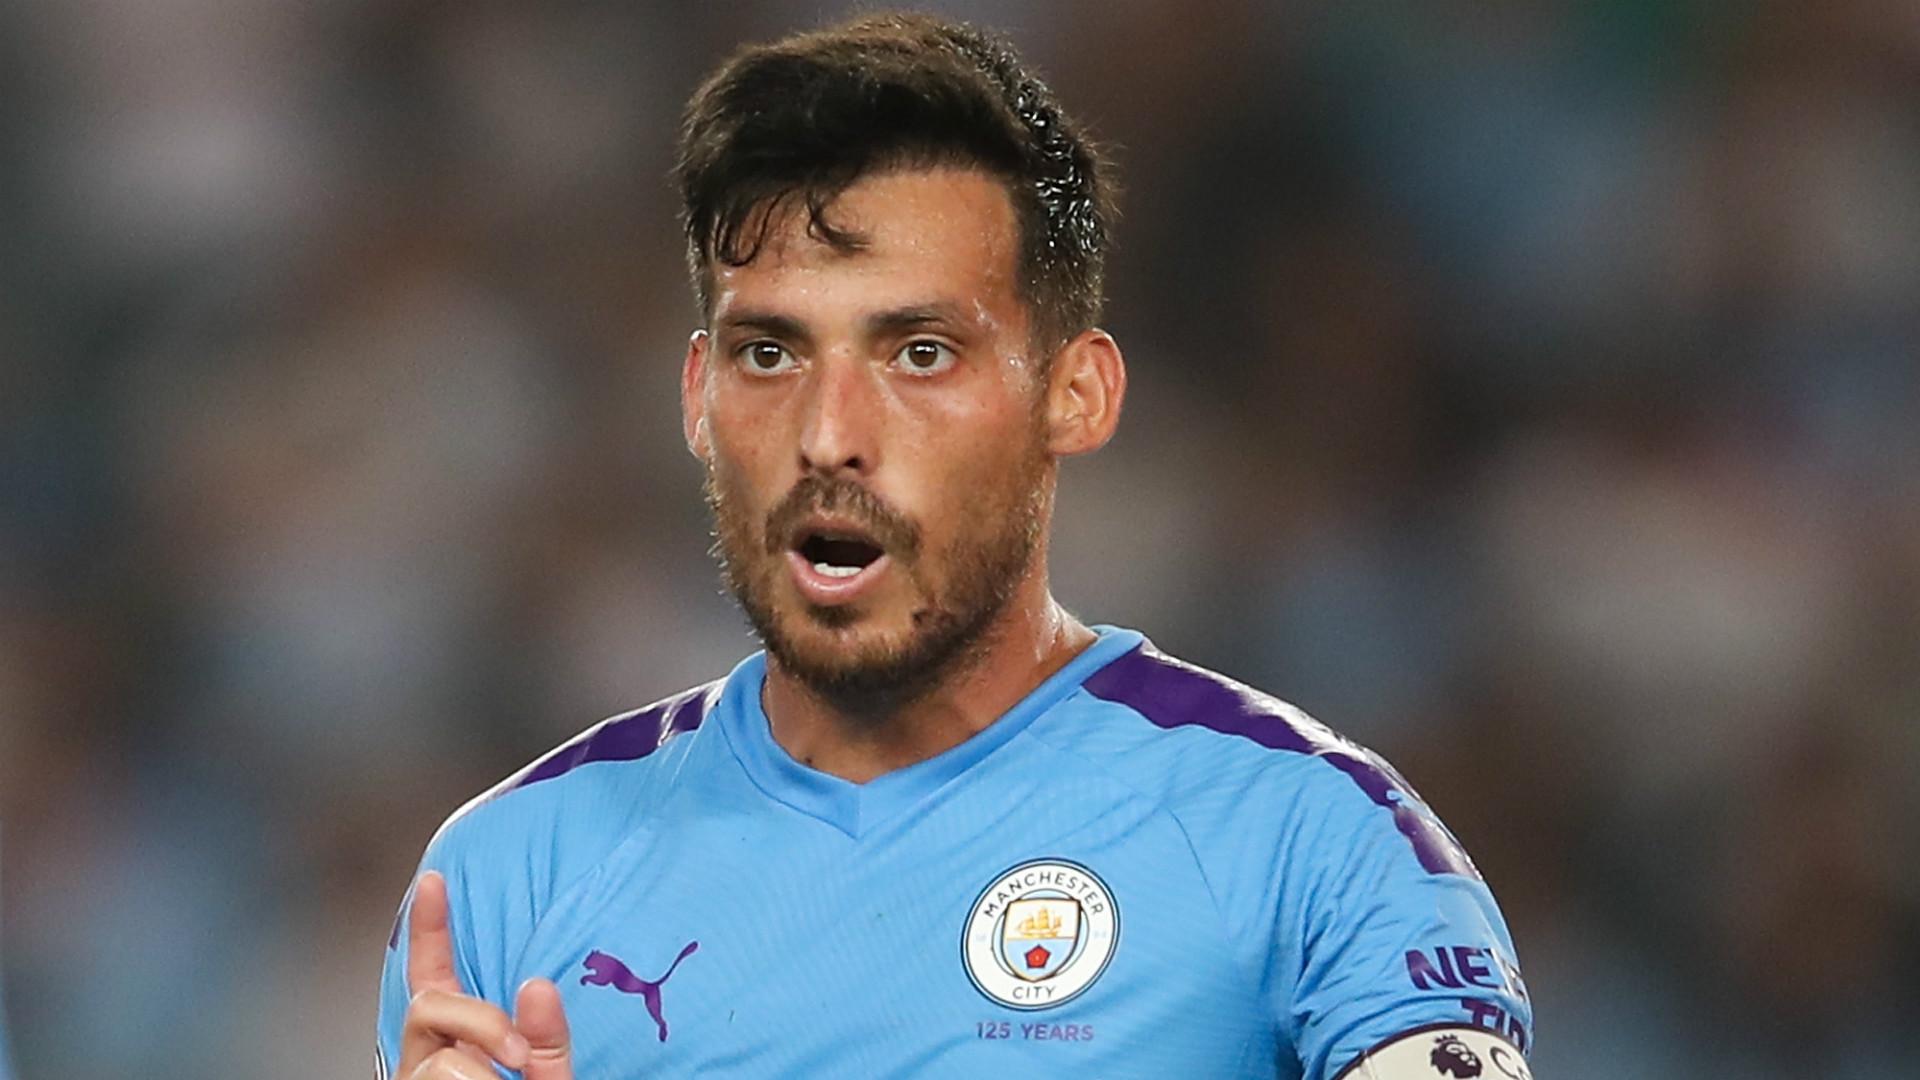 Man City 4-1 West Ham: David Silva & Raheem Sterling